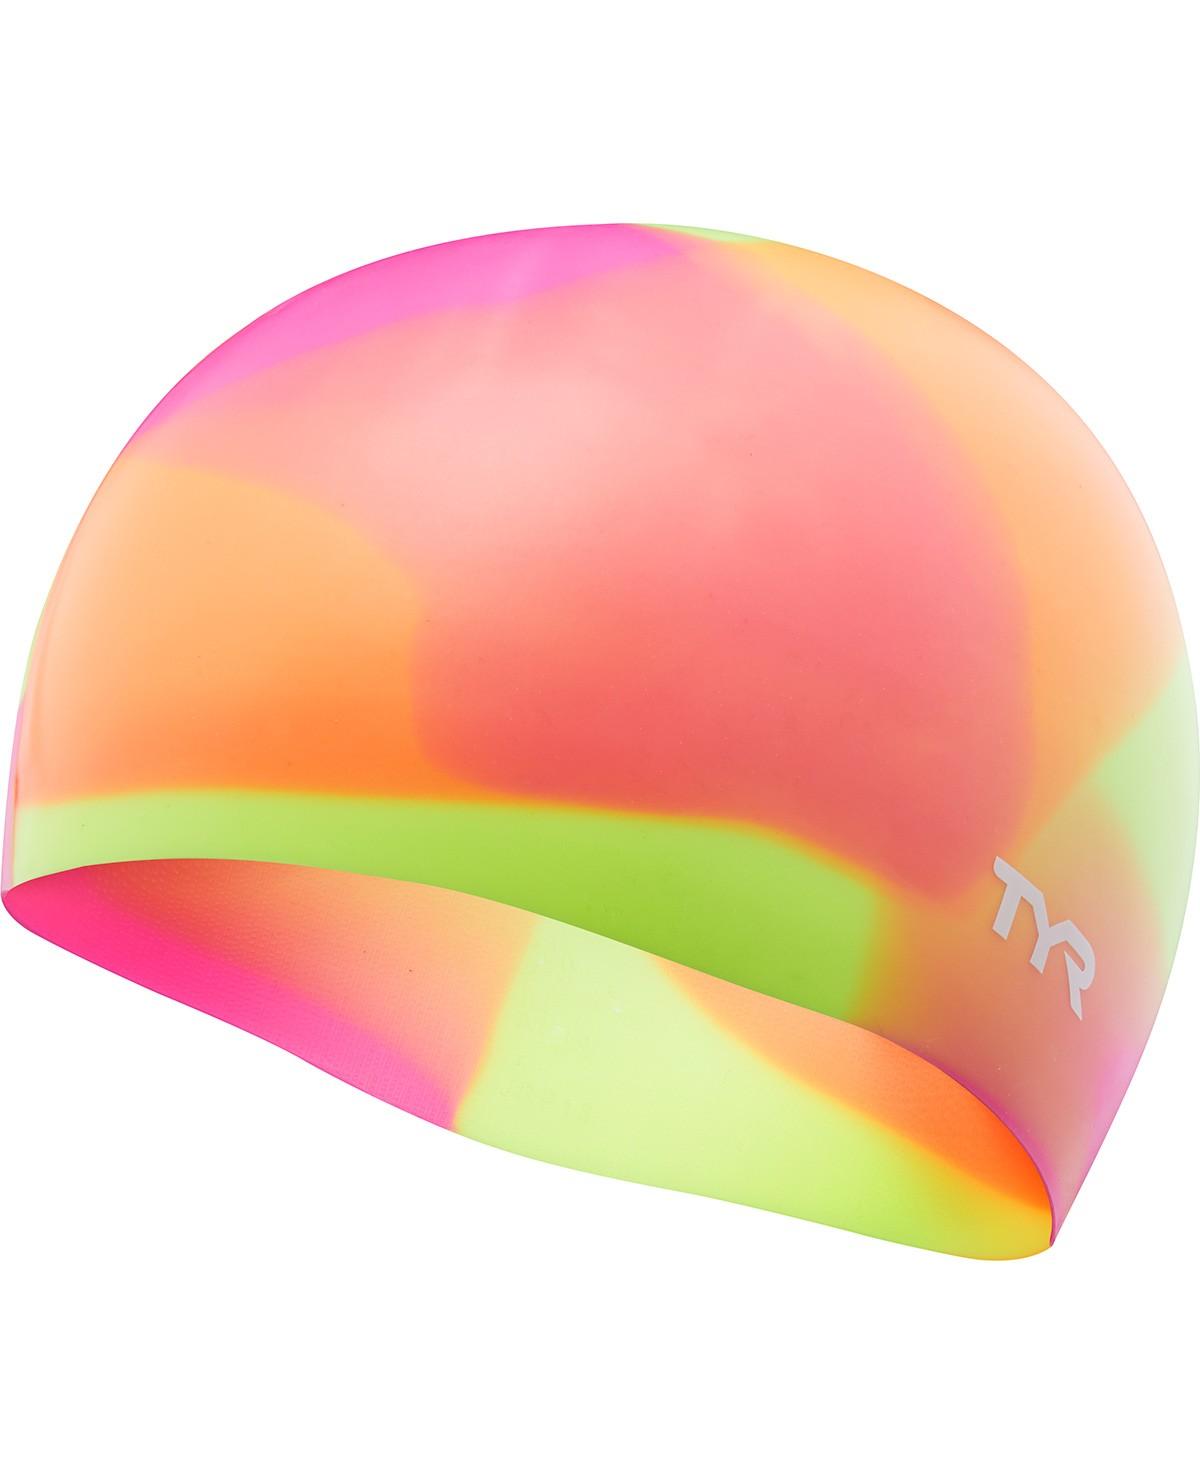 TYR Tie Dye Silicone Youth Swim Cap